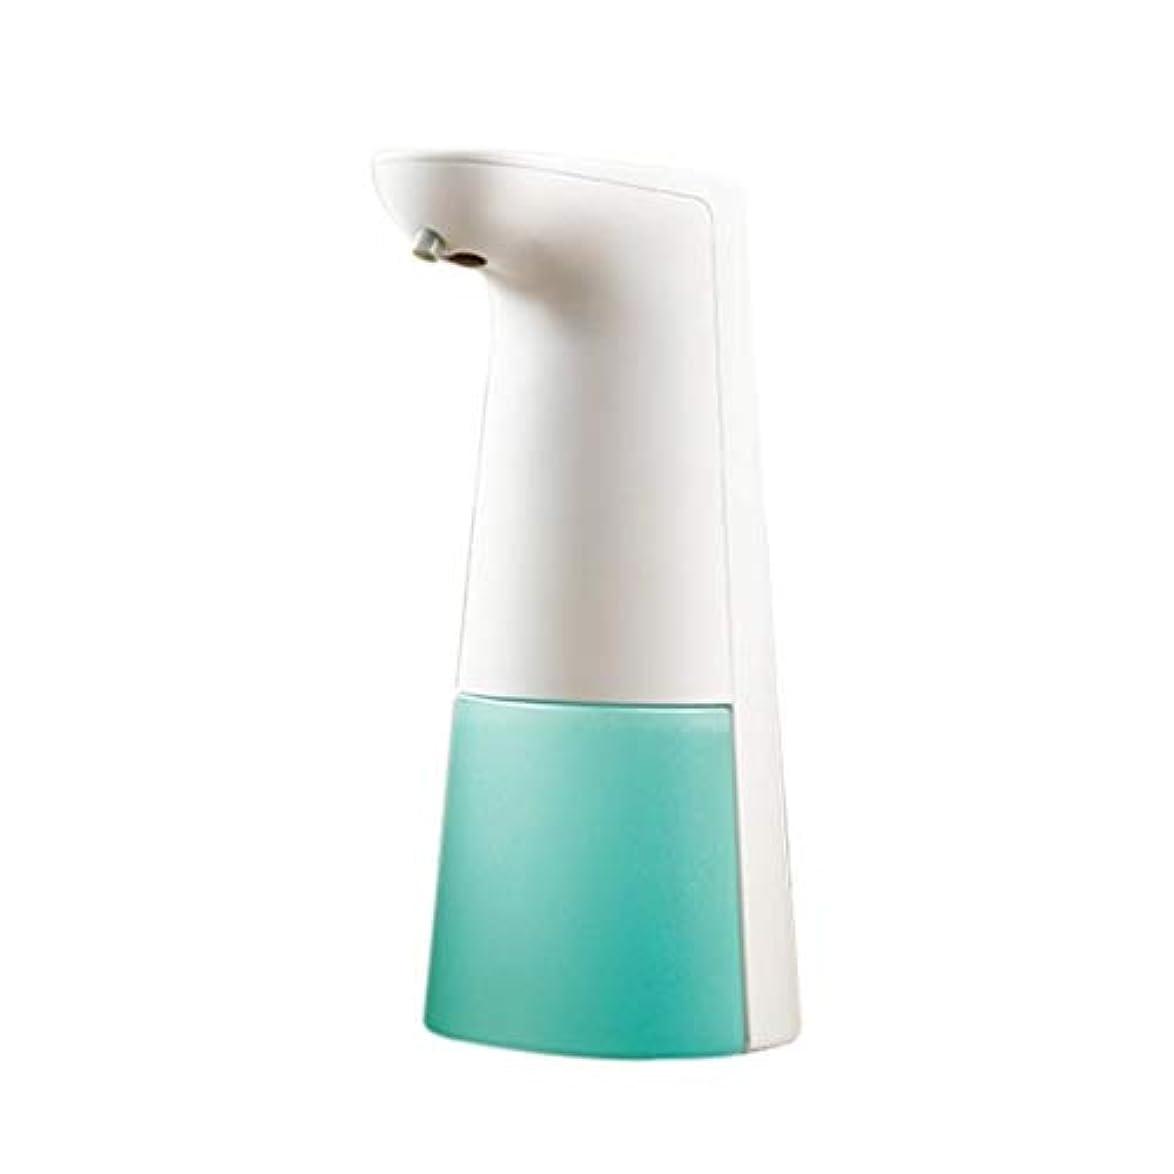 レッスン顕現移民泡の台所浴室の流しの液体石鹸の瓶250mlのプラスチック石鹸箱のローション(色:白、サイズ:20.4 * 11.6 * 8.9cm) (Color : White, Size : 20.4*11.6*8.9cm)